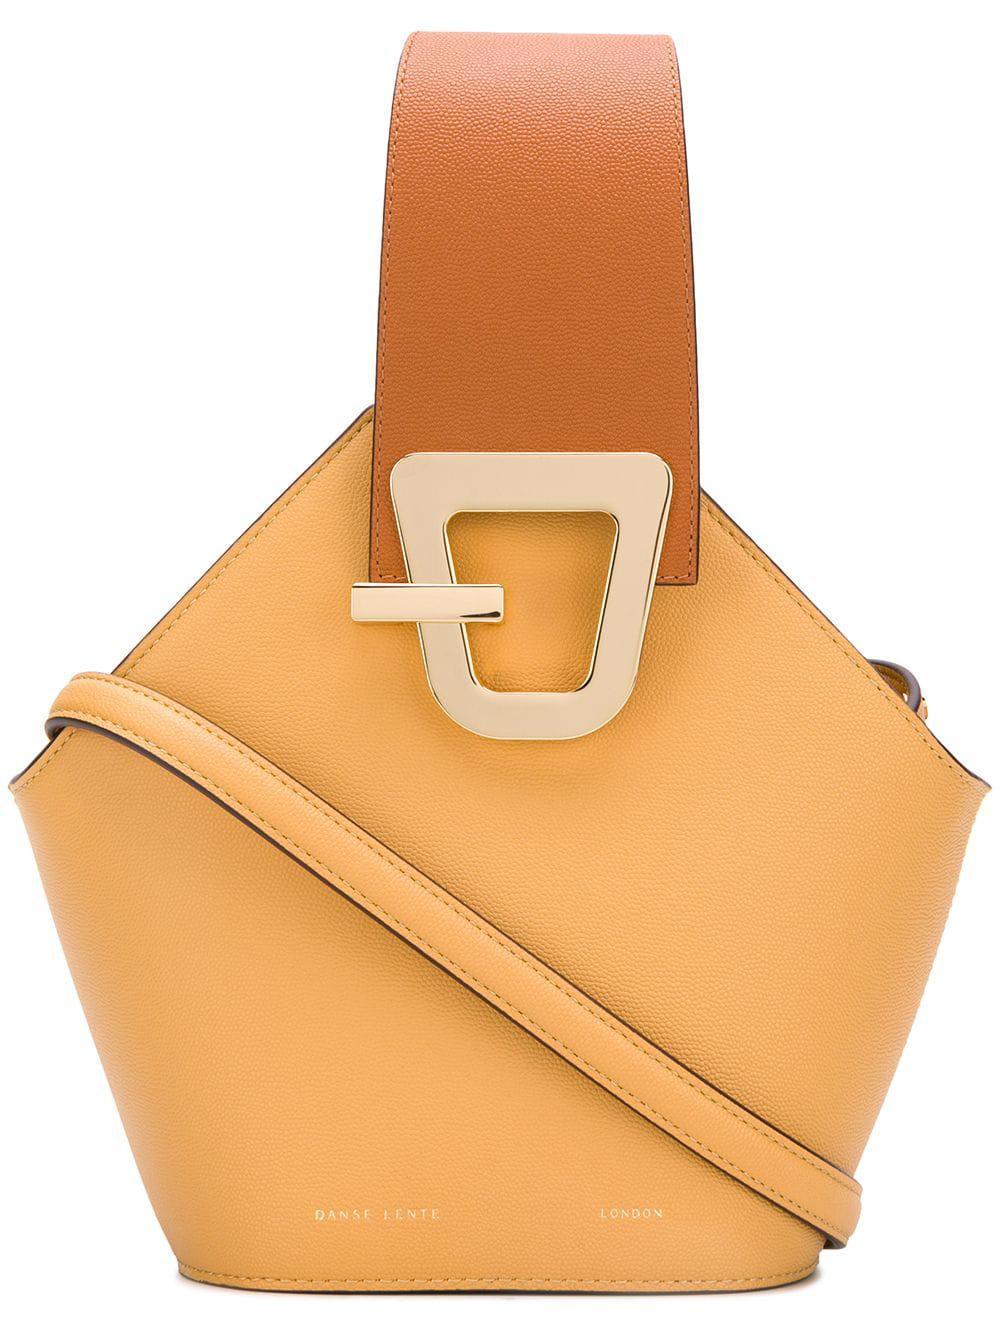 0dbf6f4c1bca Lyst - Danse Lente Johnny Leather Shoulder Bag in Natural